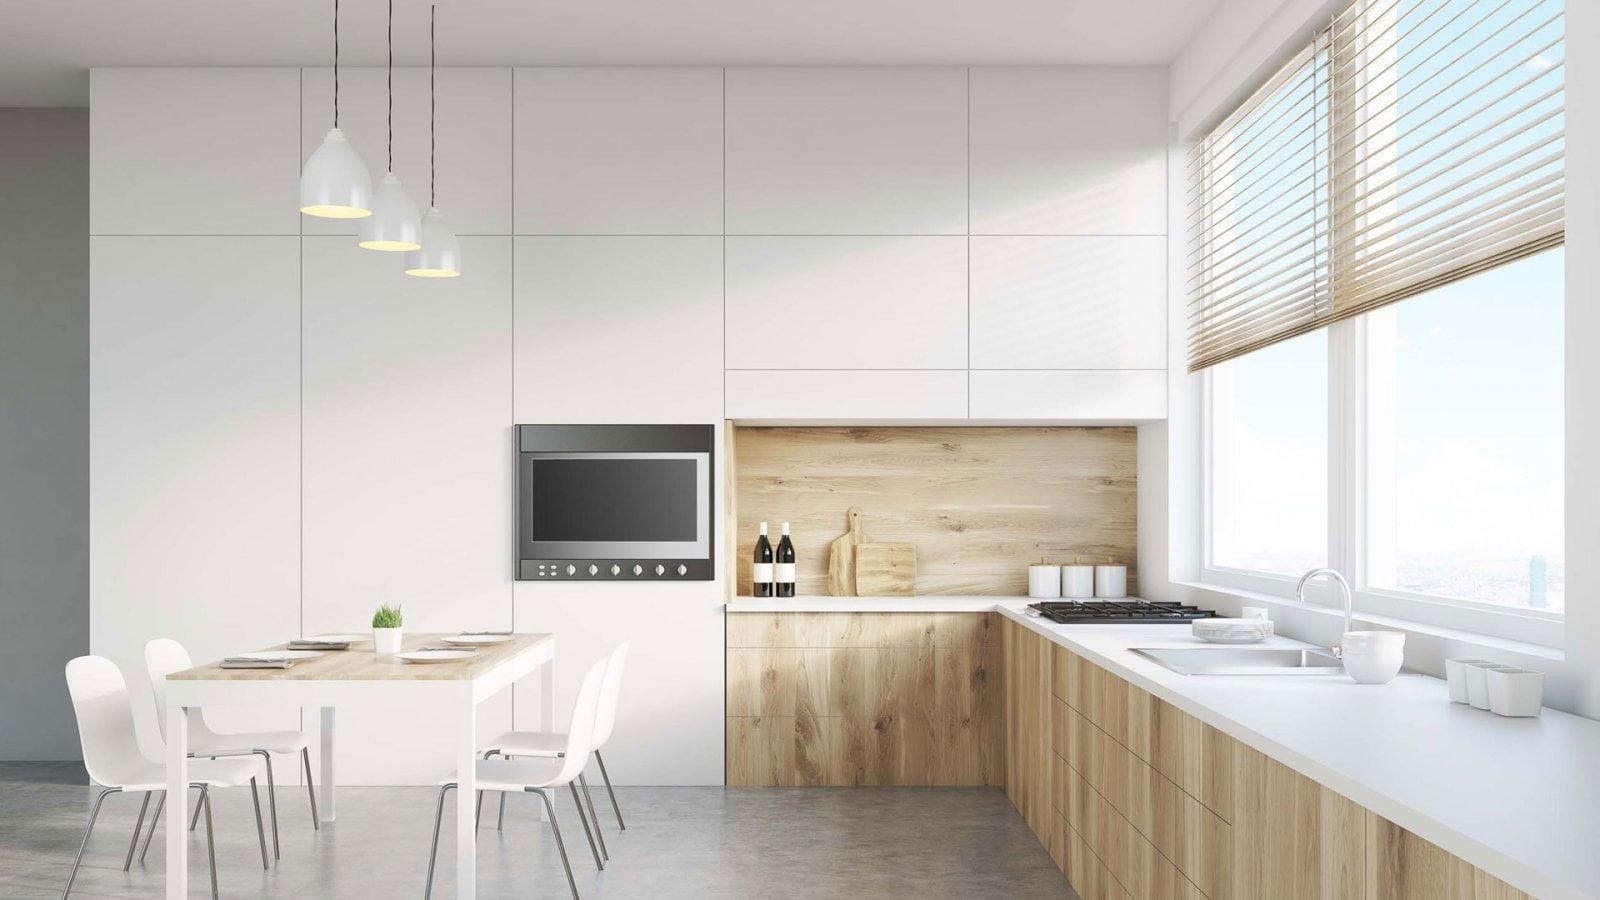 Fabricantes de muebles,cocinas,Baños,Sofás... - Ruubay Business ...